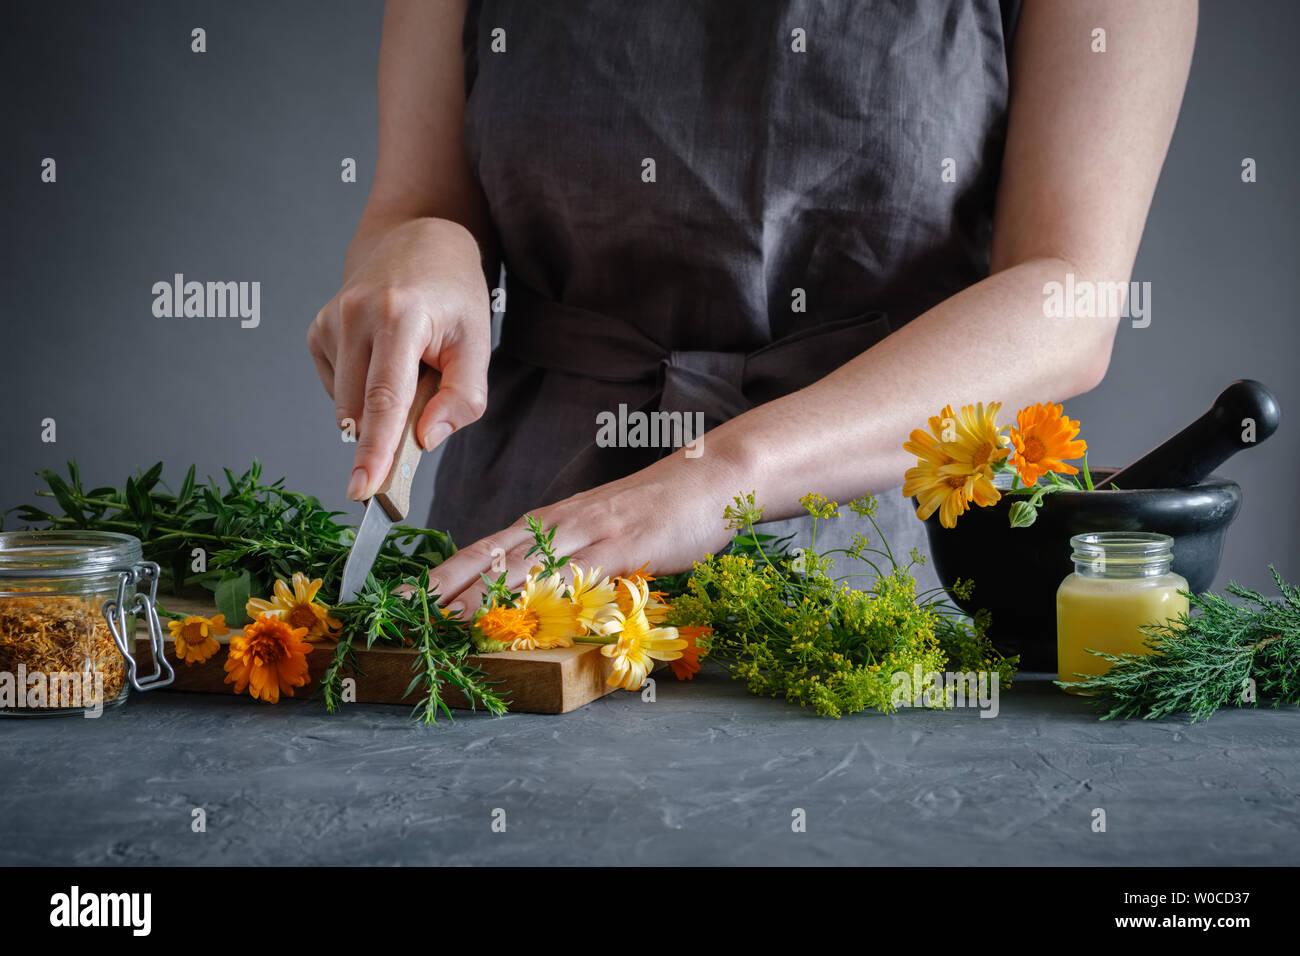 Hacher les herbes médicinales herboriste femme avec un couteau pour préparer les médicaments pour le traitement de guérison. Phytothérapie concept. Banque D'Images